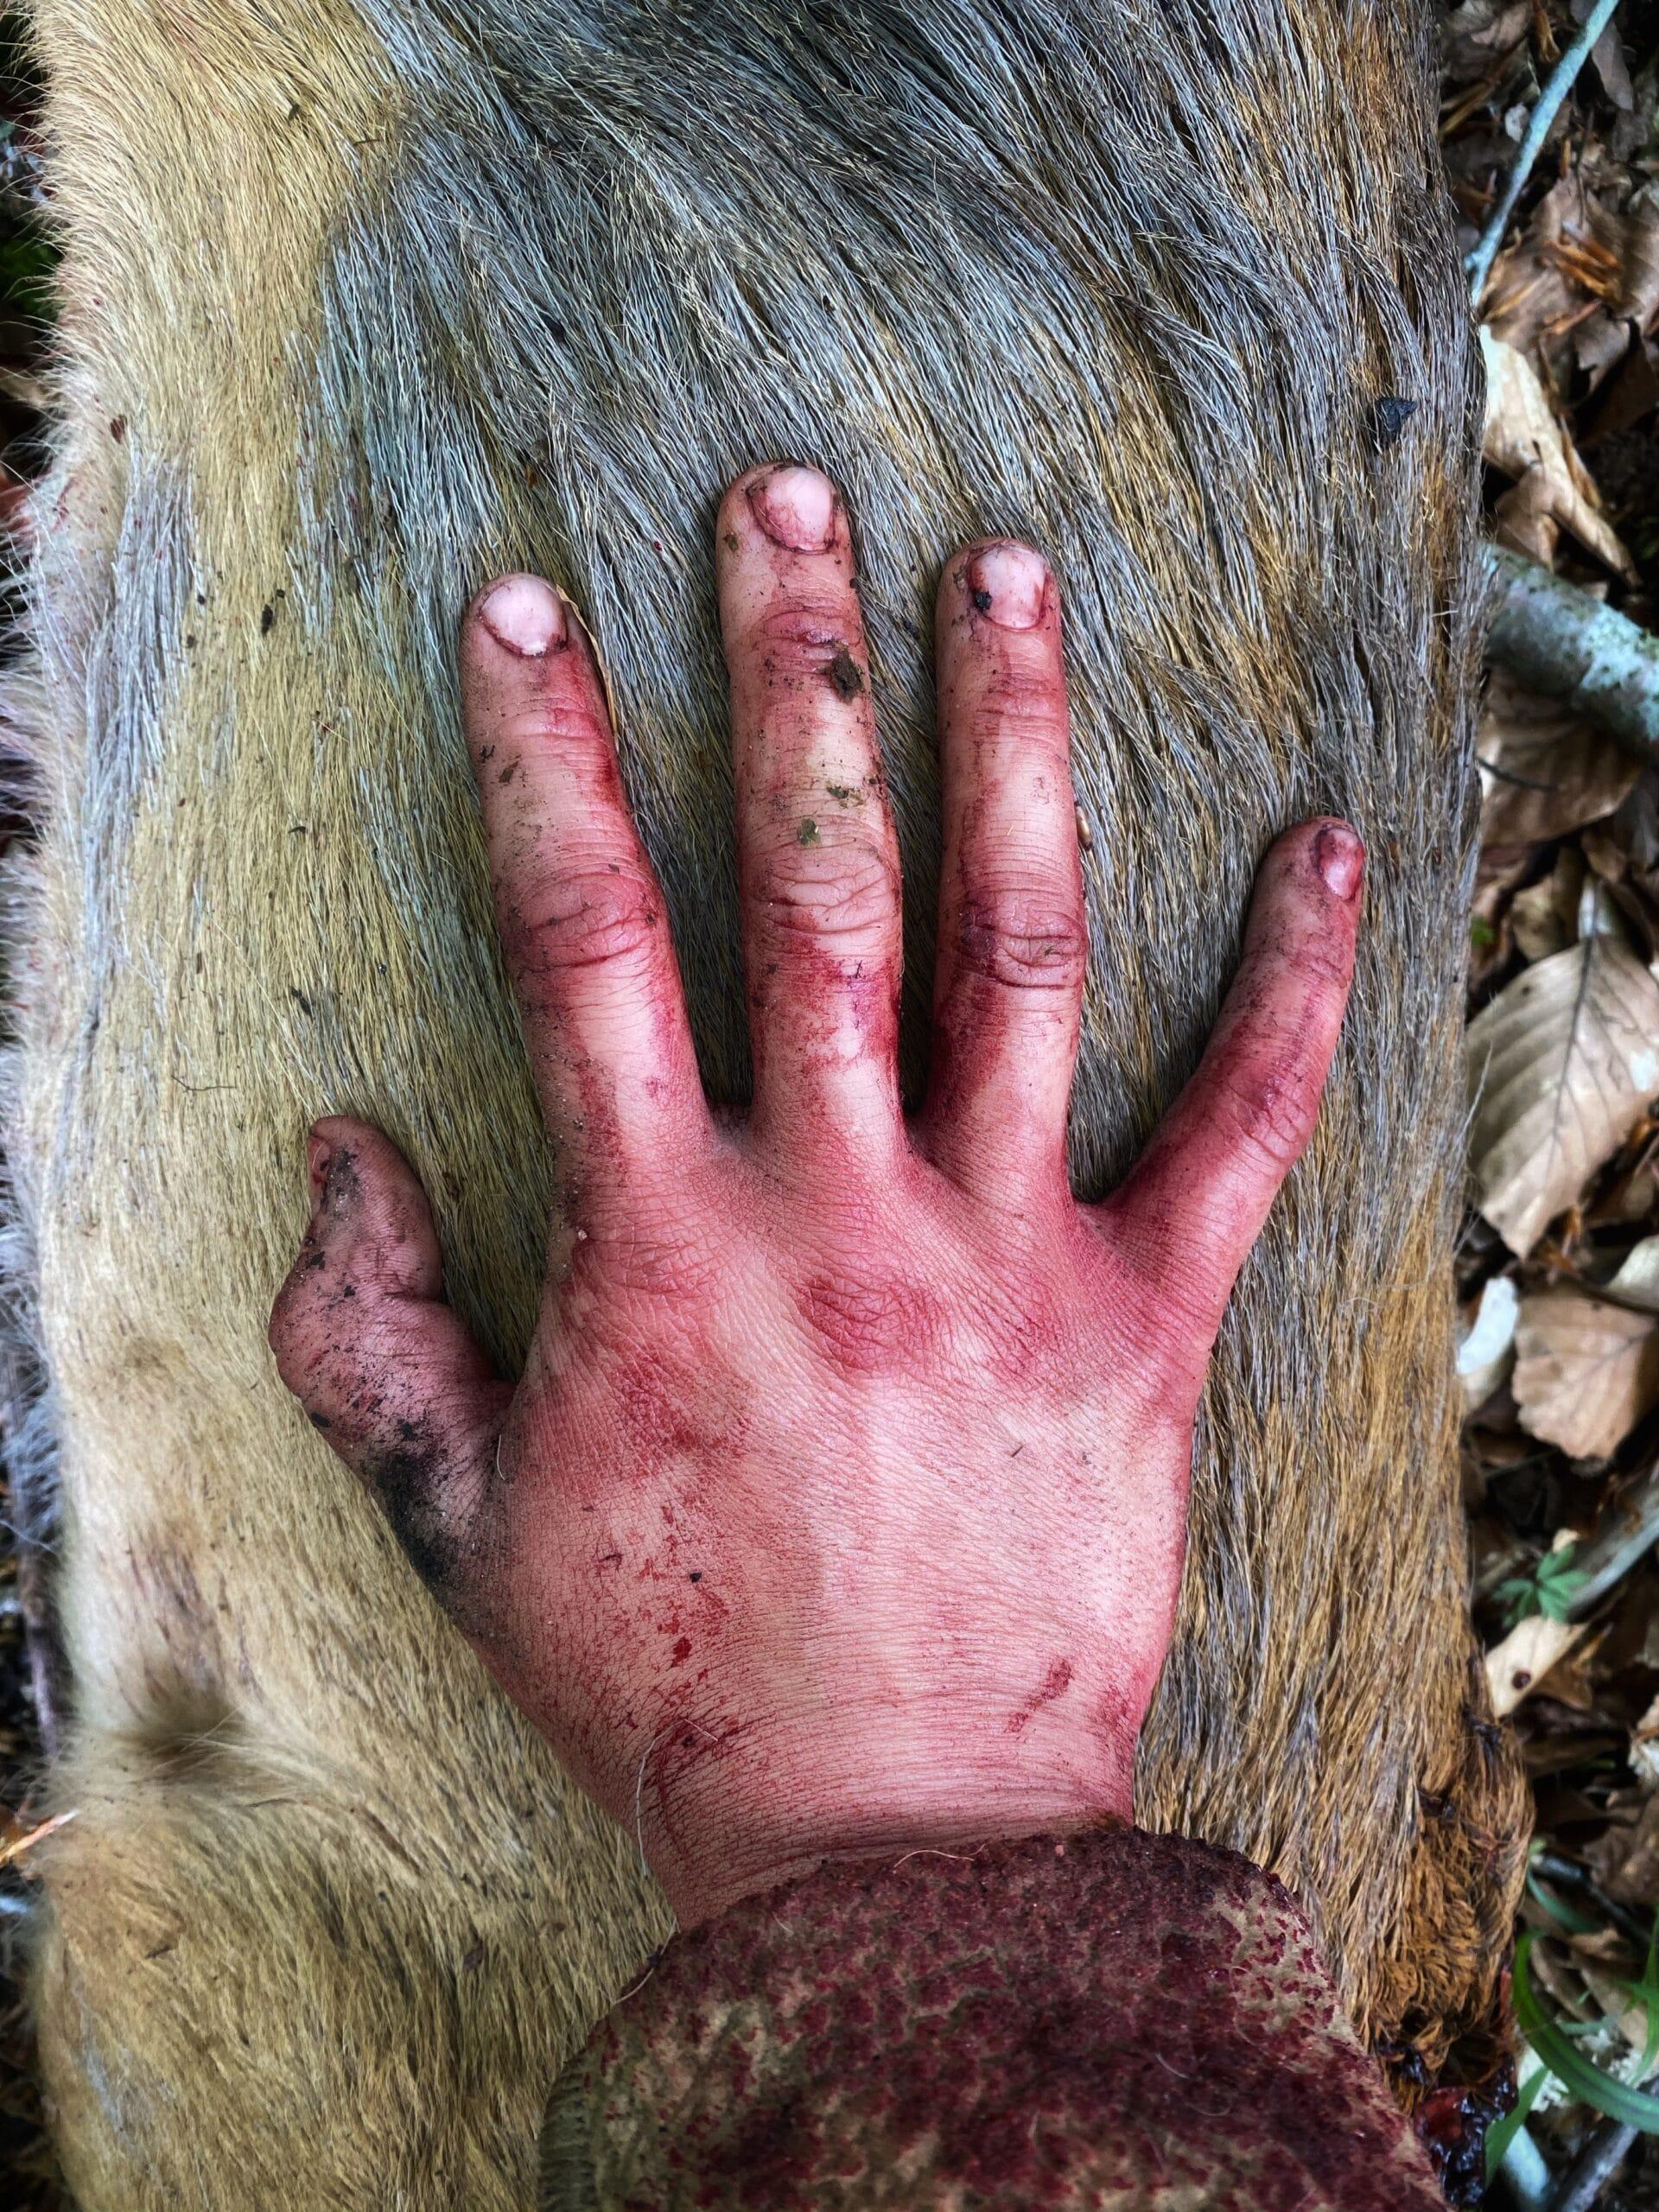 blodig hånd